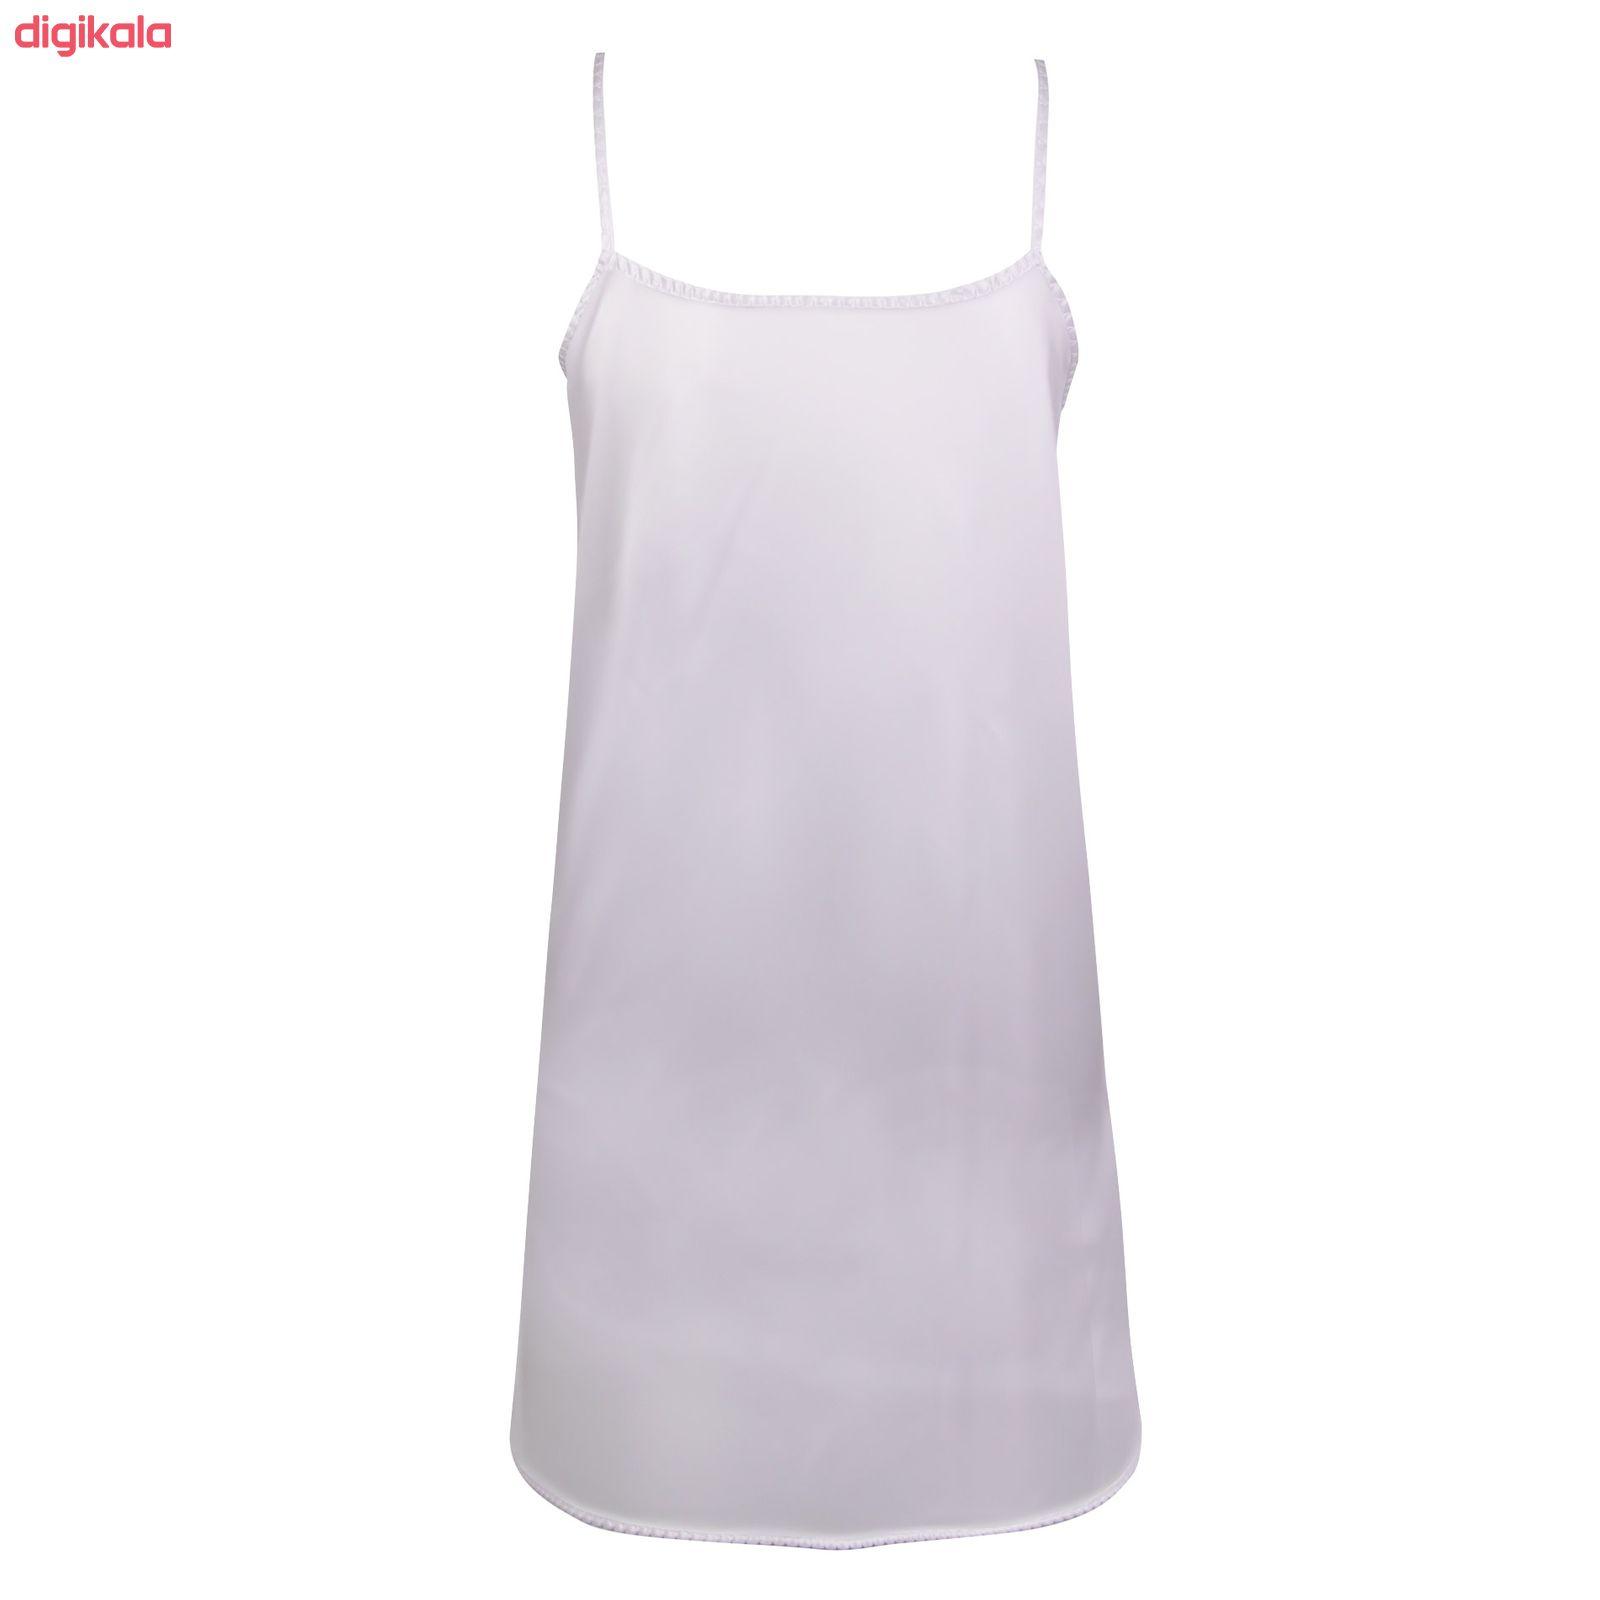 لباس خواب زنانه ماییلدا مدل 3599-1 main 1 2